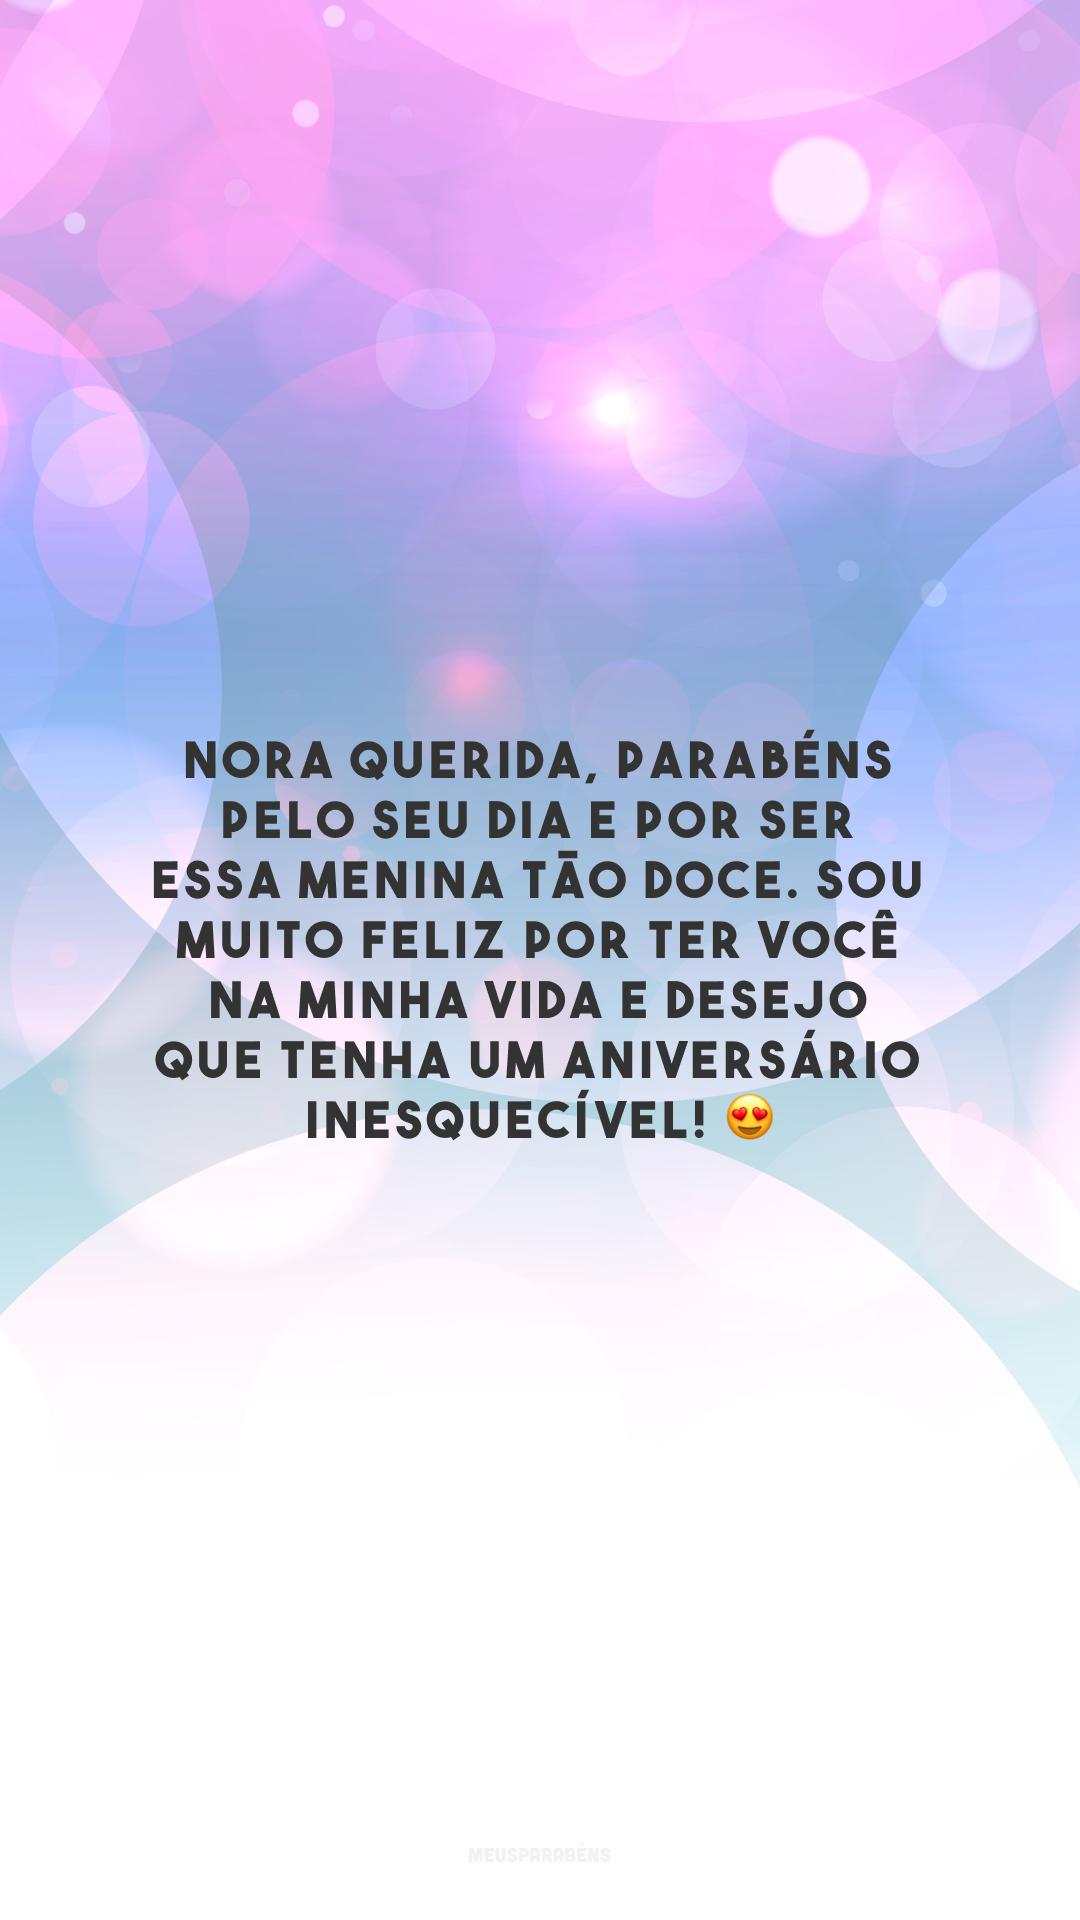 Nora querida, parabéns pelo seu dia e por ser essa menina tão doce. Sou muito feliz por ter você na minha vida e desejo que tenha um aniversário inesquecível! 😍